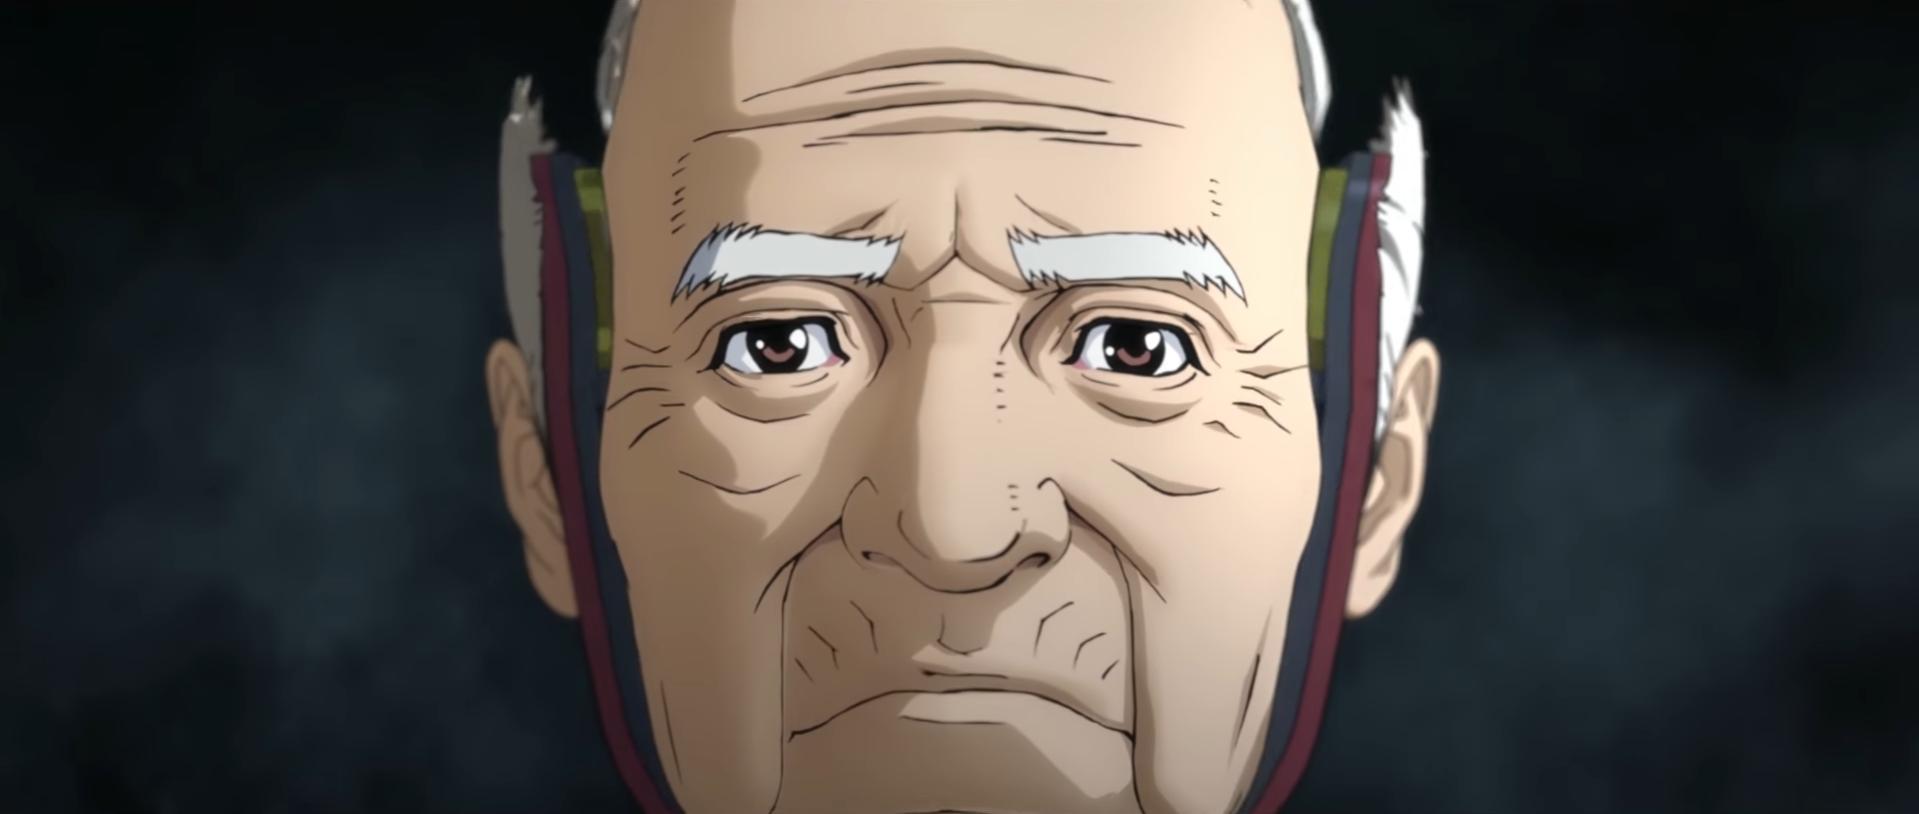 Inuyashiki anime adaptation